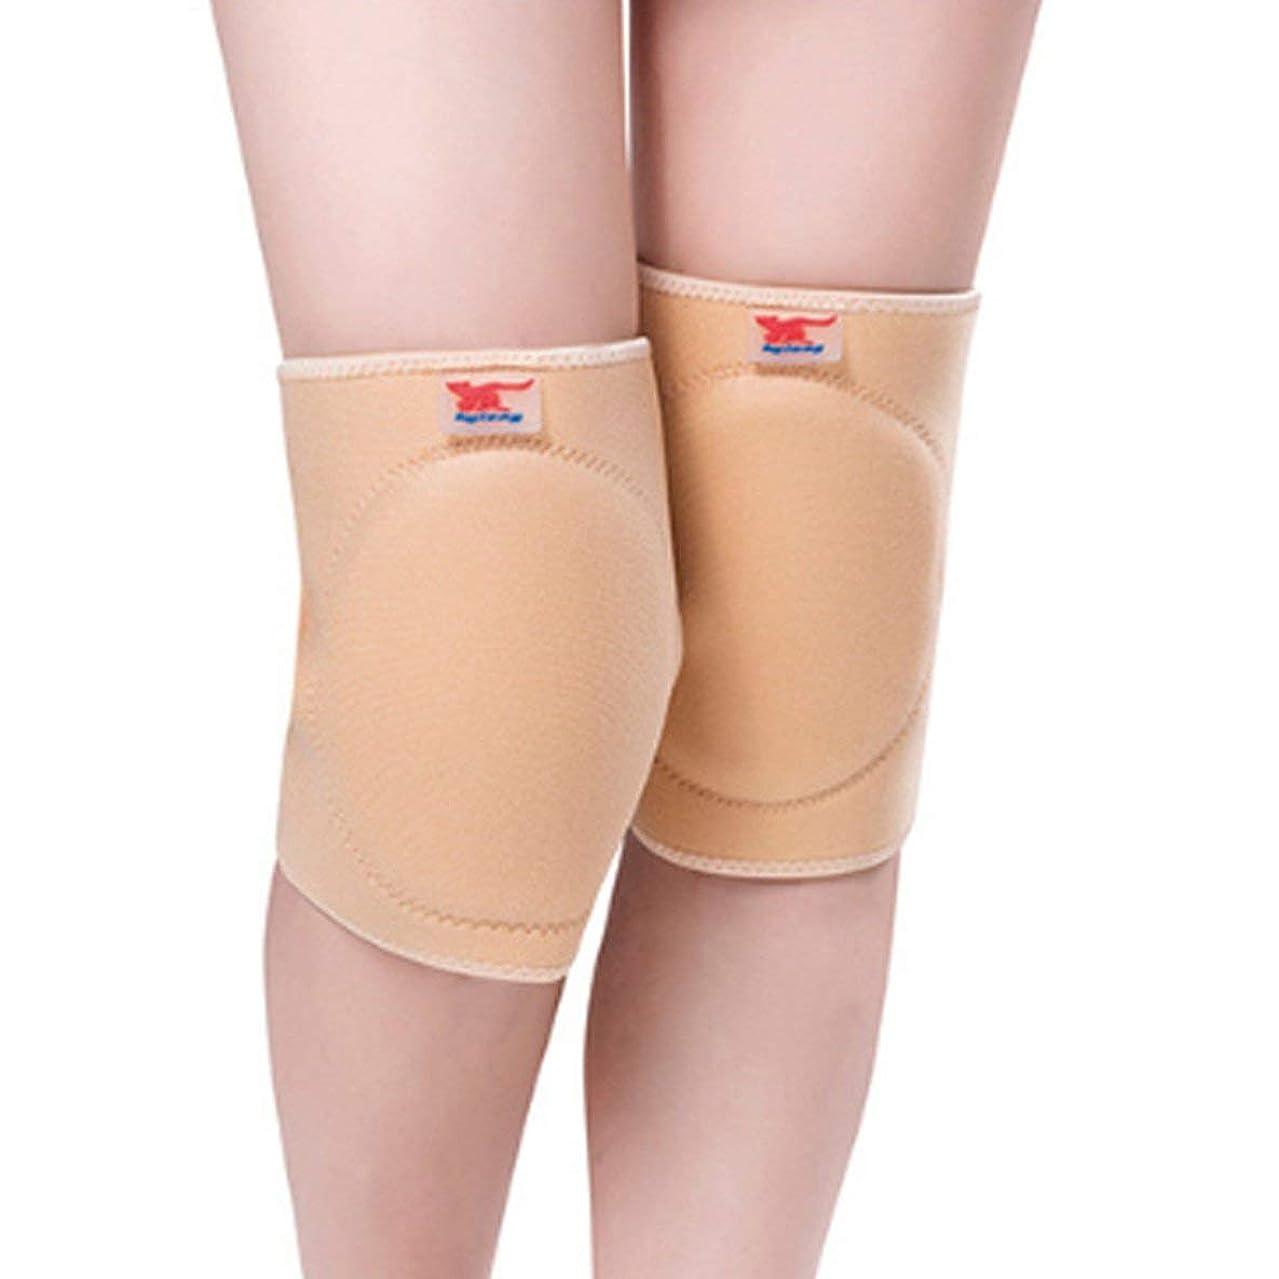 自動車立ち寄るマキシム反膝パッドウール防止関節炎保温暖かい膝サポート通気性肥厚膝パッド安全膝ブレース